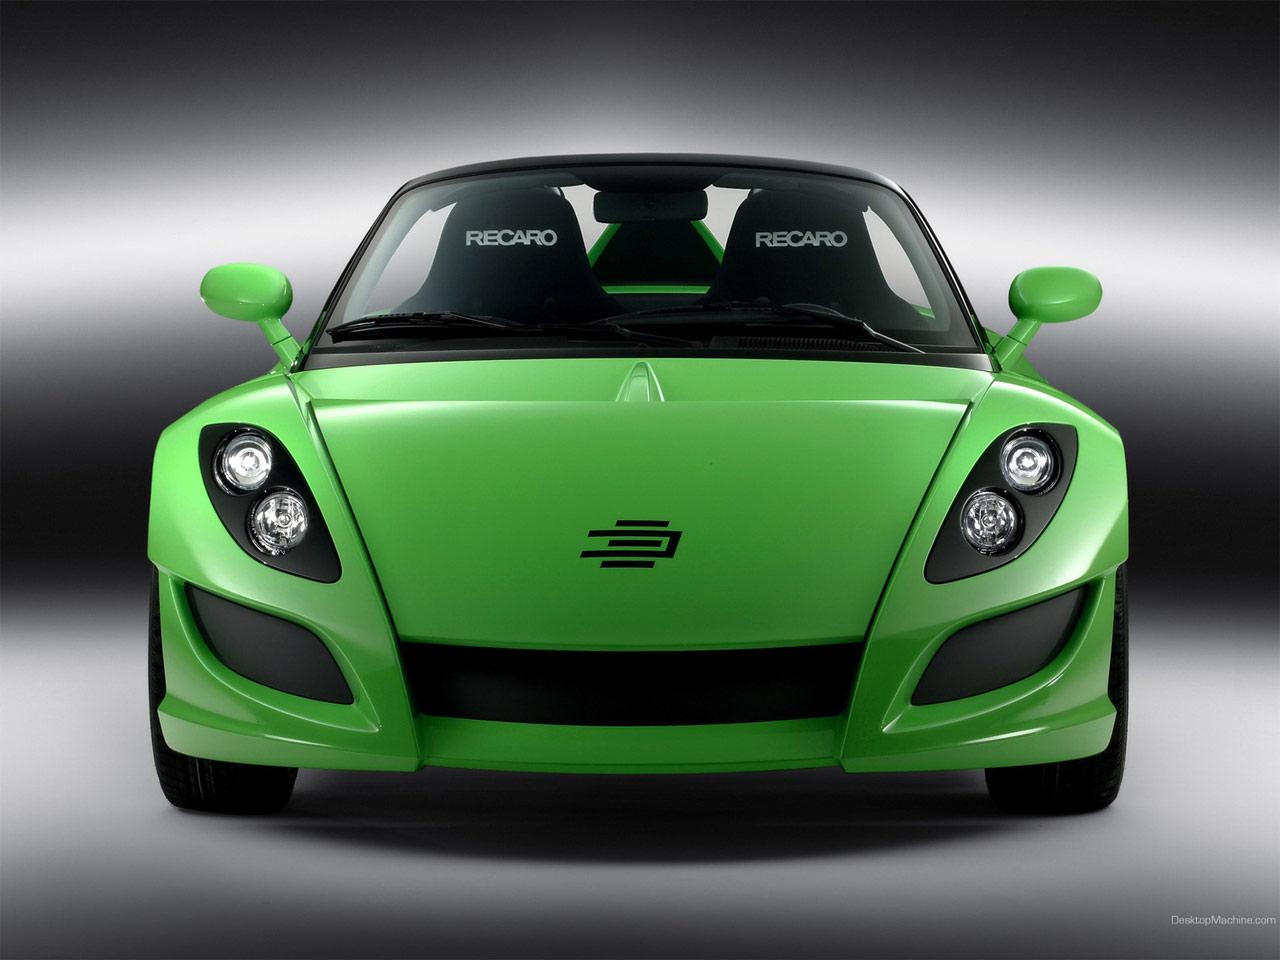 2005 Edag - Show Car Concept